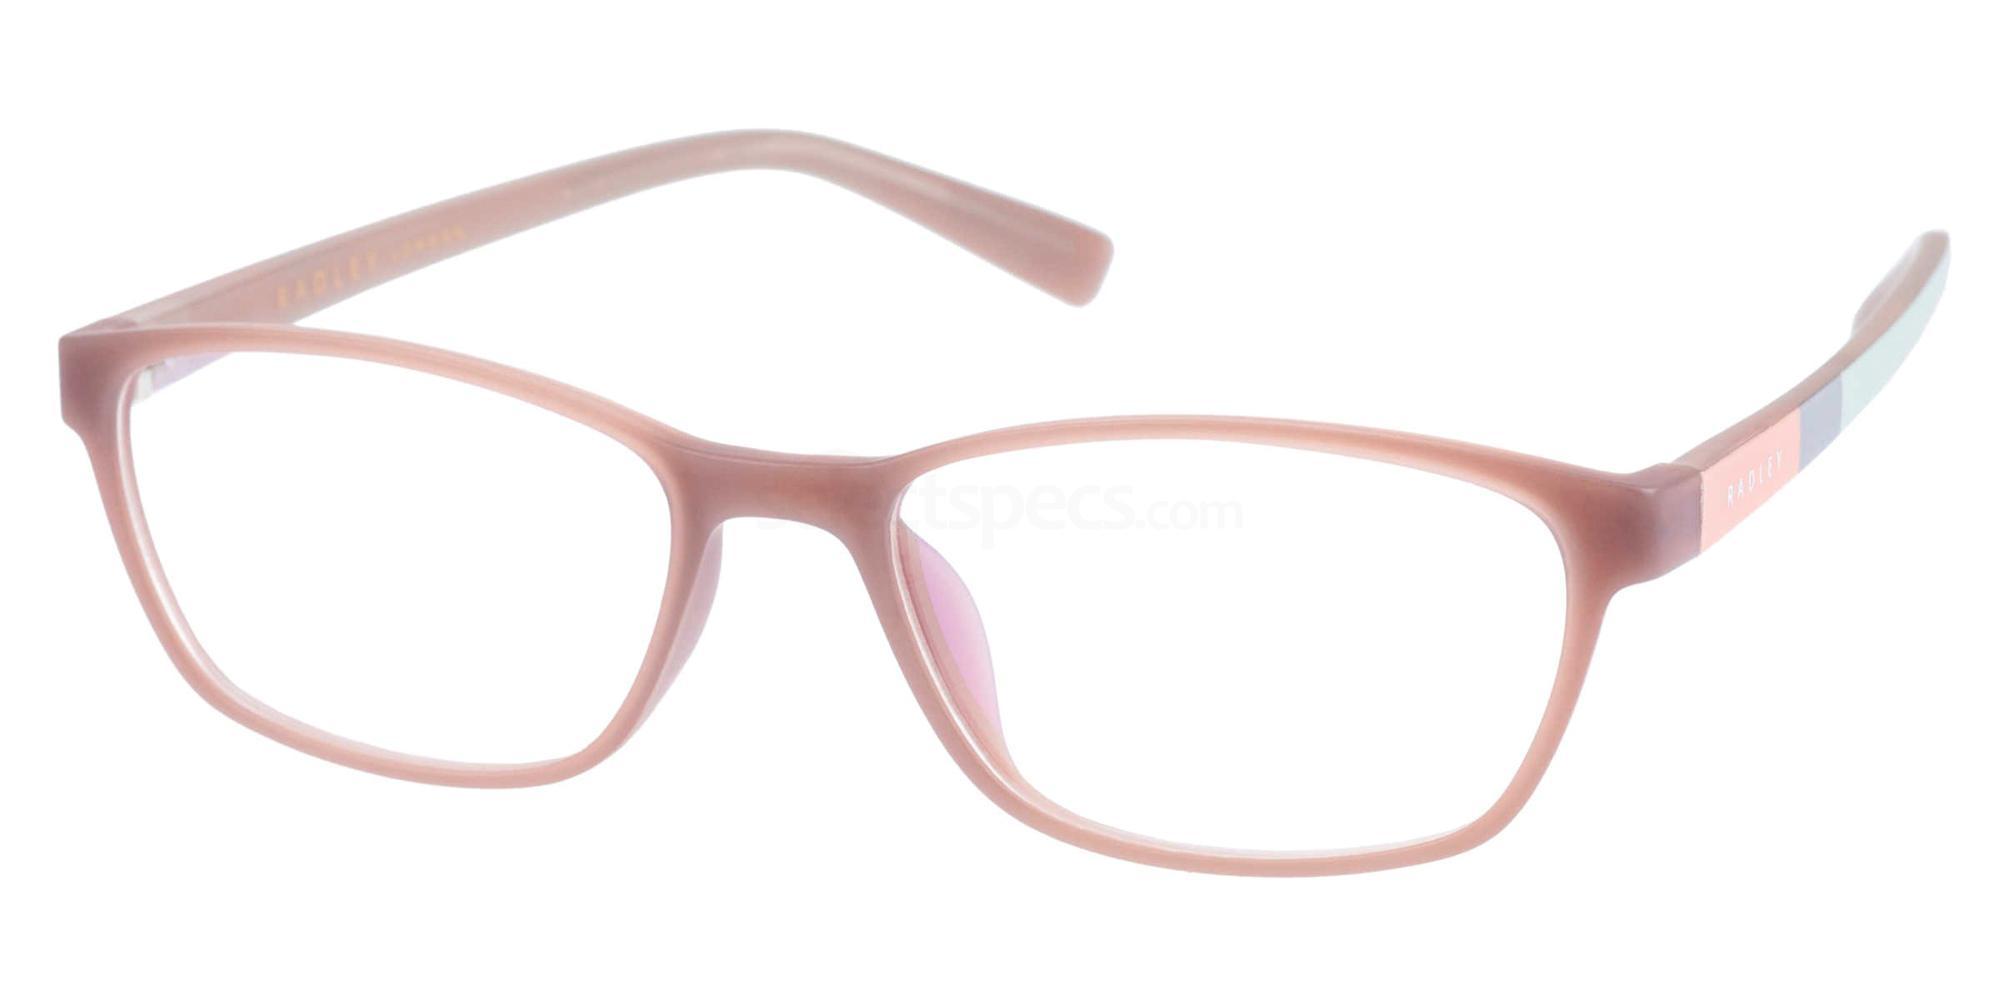 103 RDO-SIGOURNEY Glasses, Radley London